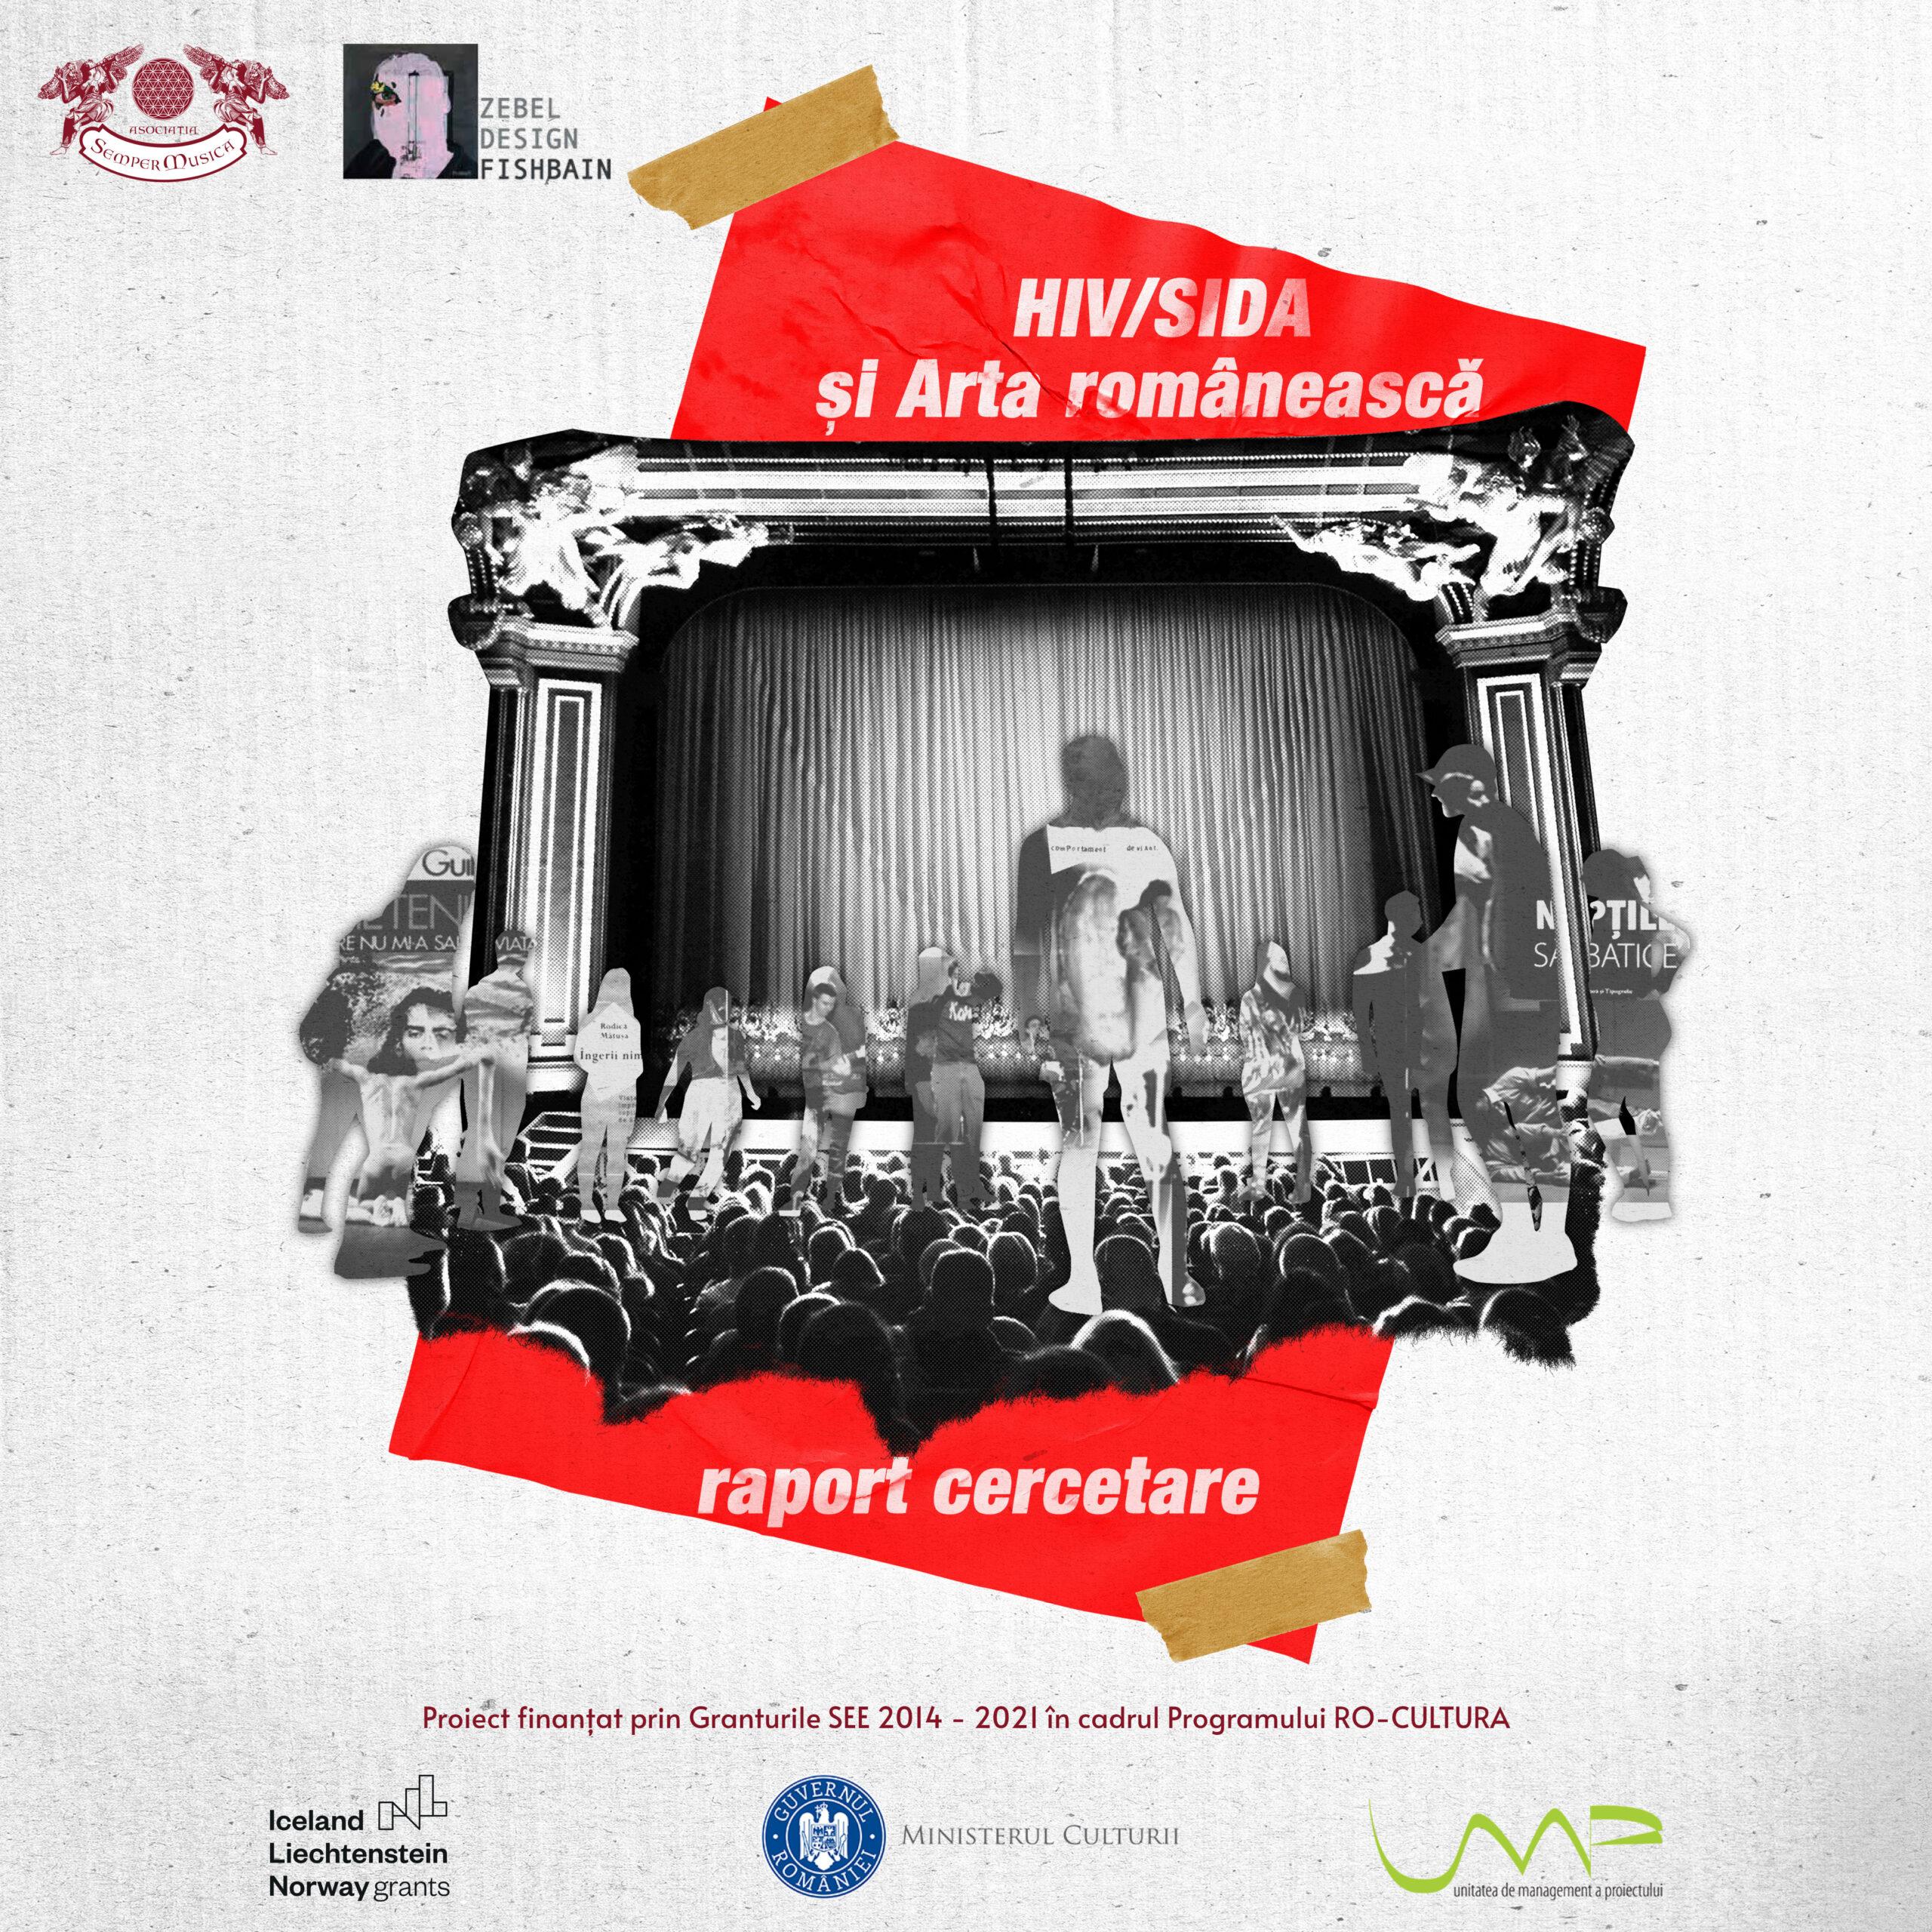 HIV/SIDA și Arta românească - Raport cercetare 2020